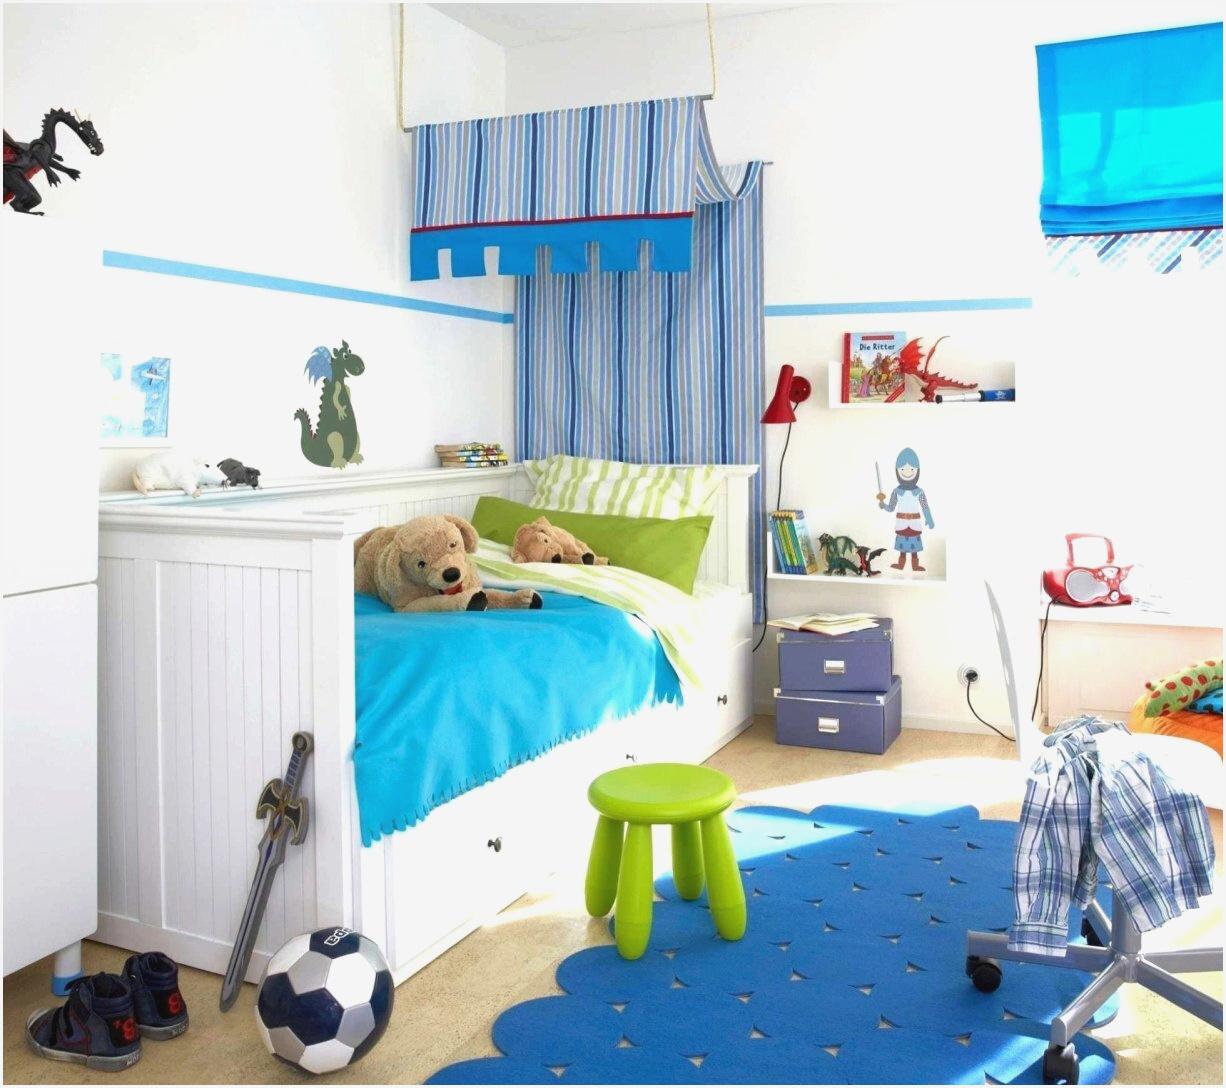 Full Size of Kinderzimmer Tapeten Mdchen Disney Traumhaus Regale Für Dachschrägen Tagesdecken Betten Teppich Küche Kopfteil Bett Klimagerät Schlafzimmer Fliesen Fürs Kinderzimmer Tapeten Für Kinderzimmer